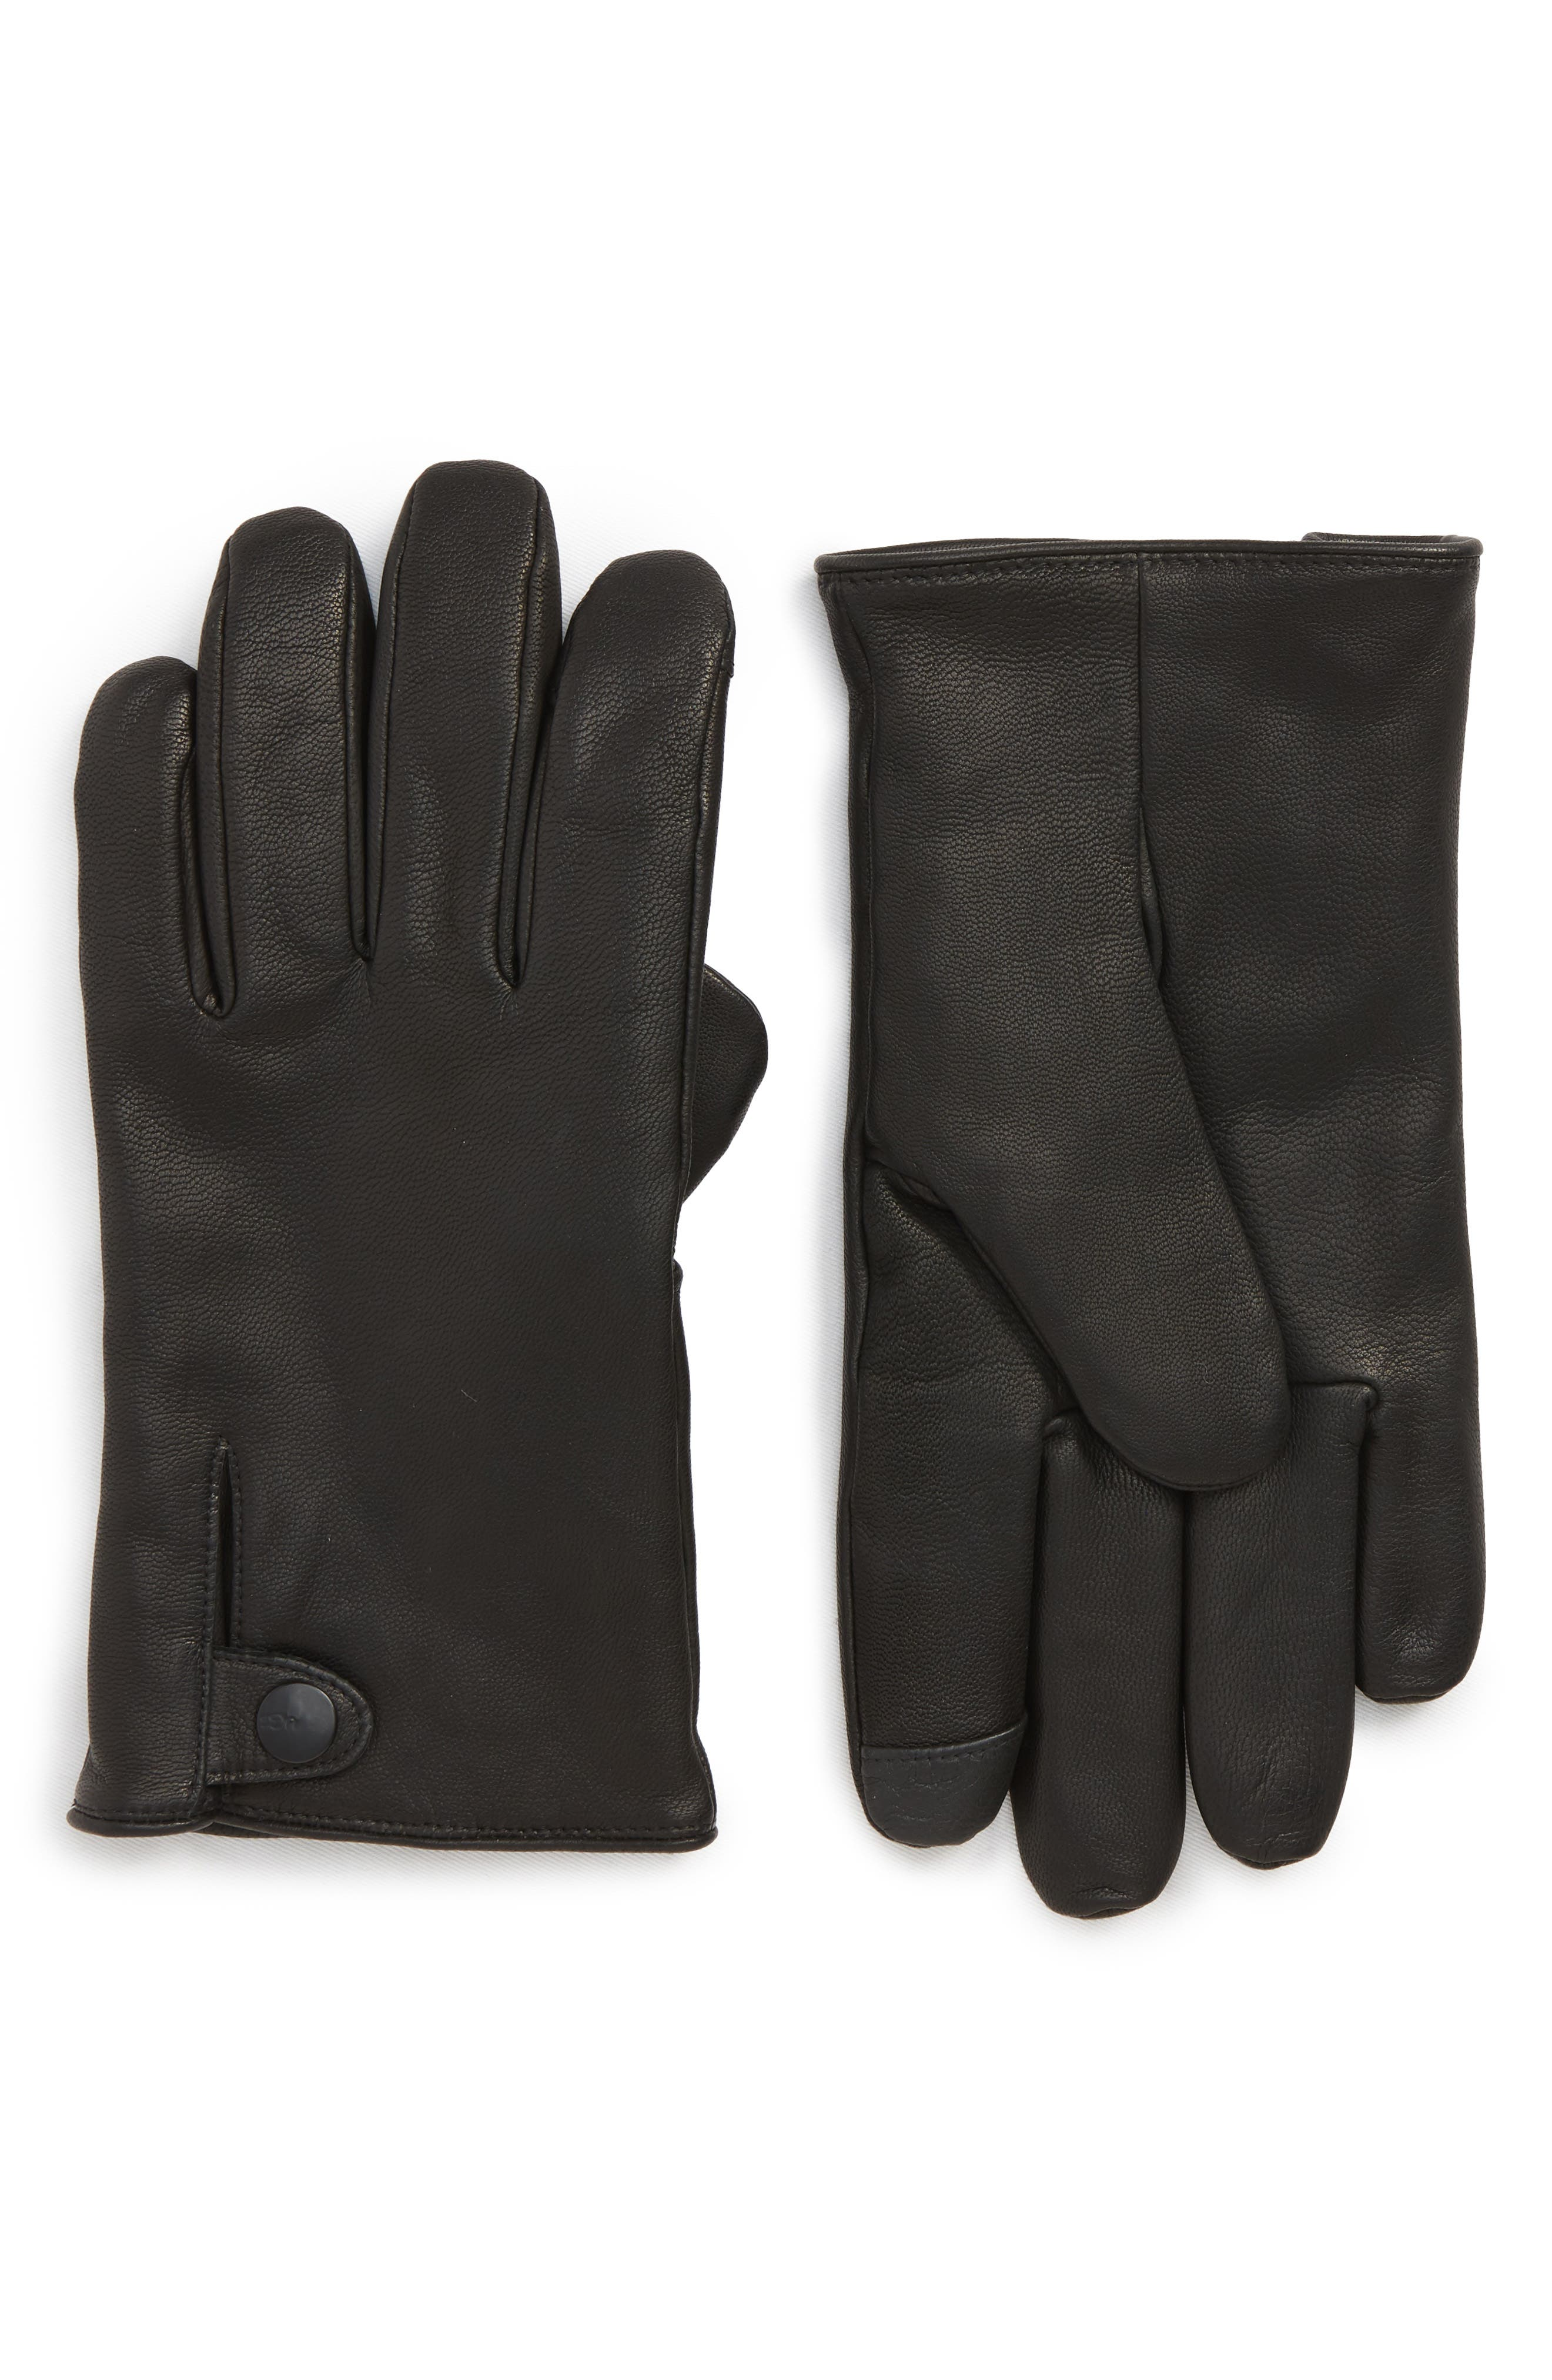 History of Vintage Men's Gloves – 1900 to 1960s Mens Ugg Leather Gloves Size X-Large - Black $95.00 AT vintagedancer.com